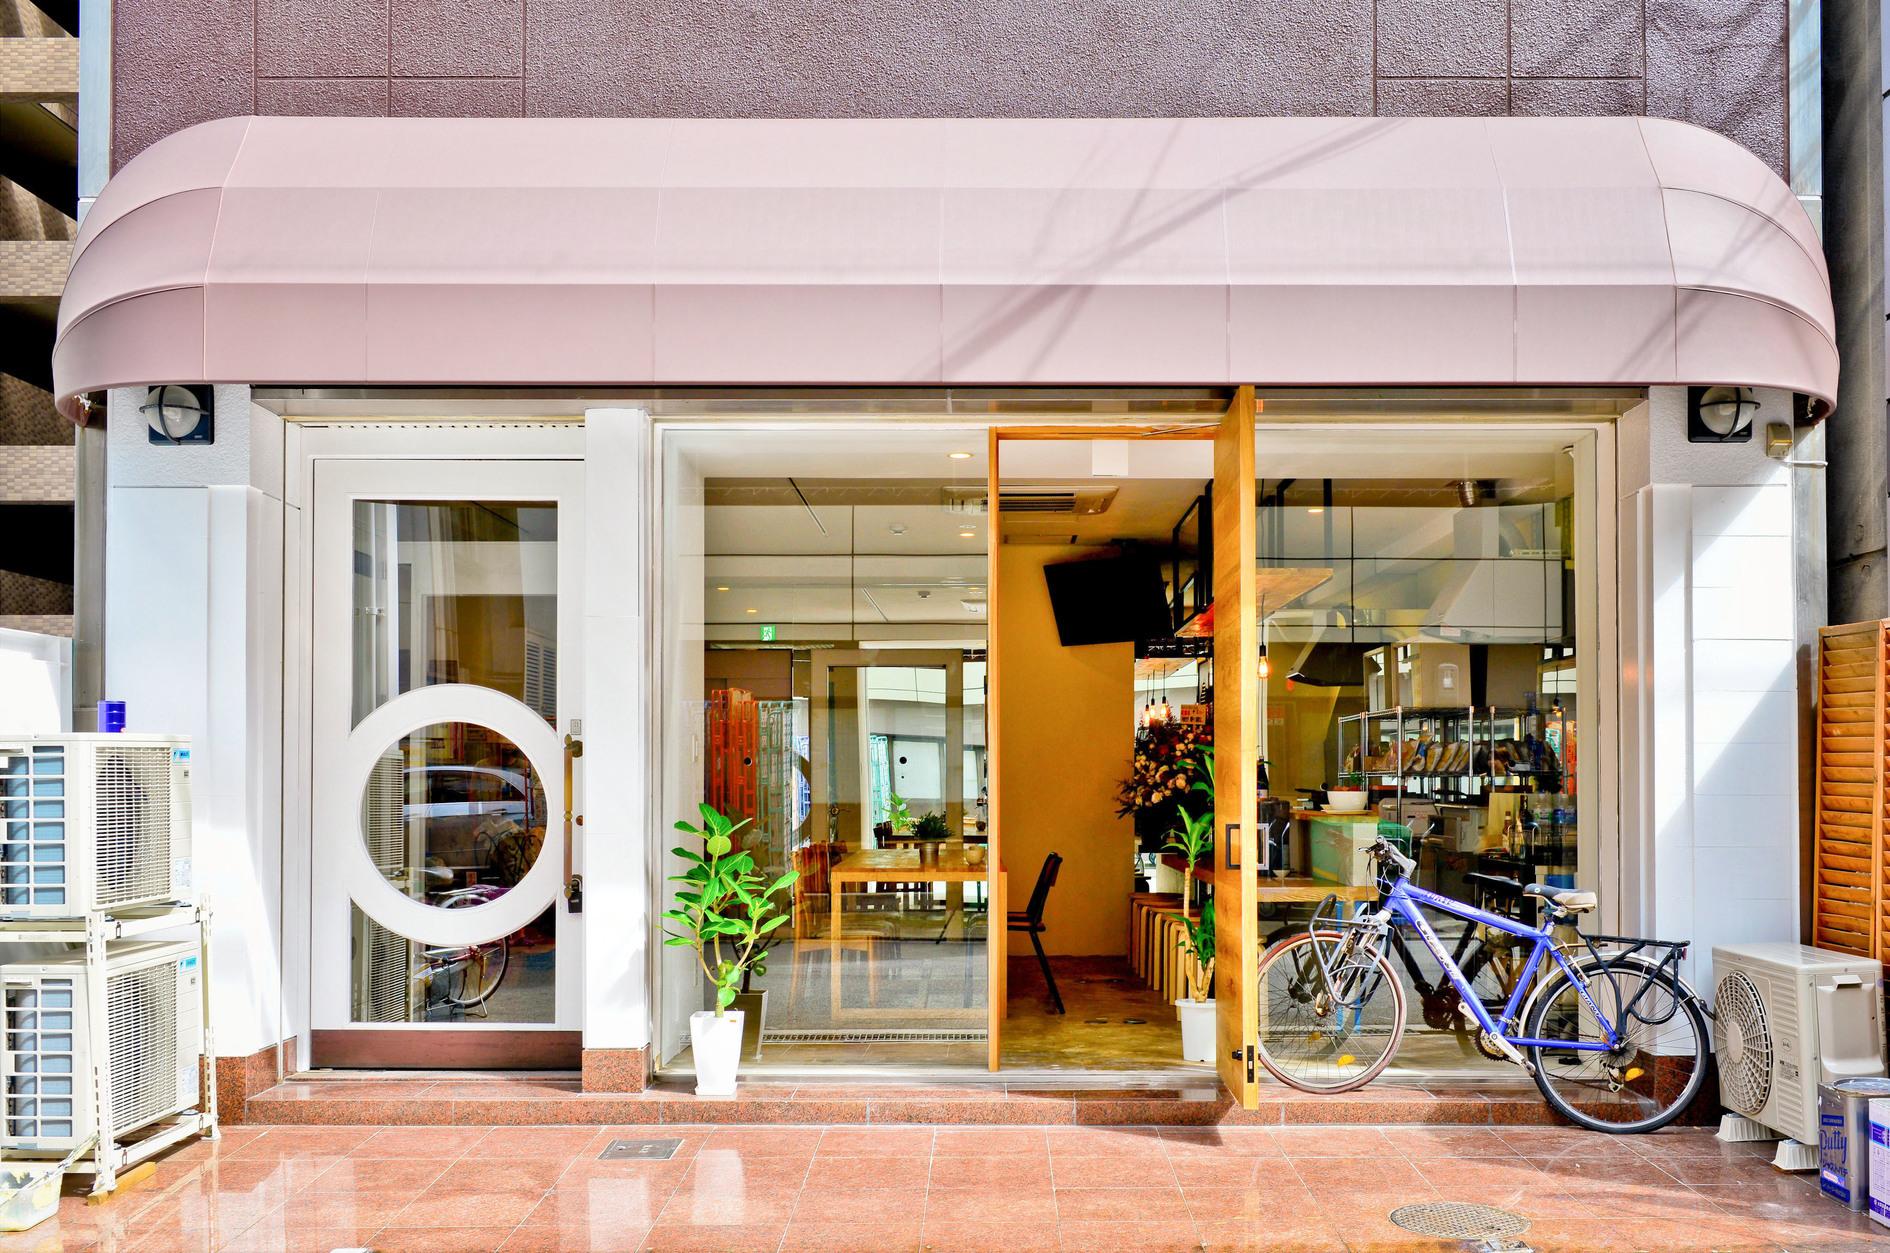 長堀橋駅より徒歩4分。共用部は18人まで、宿泊は30人まで利用可能。お茶会、会議、合宿など様々な用途にお使いいただけます。 のカバー写真